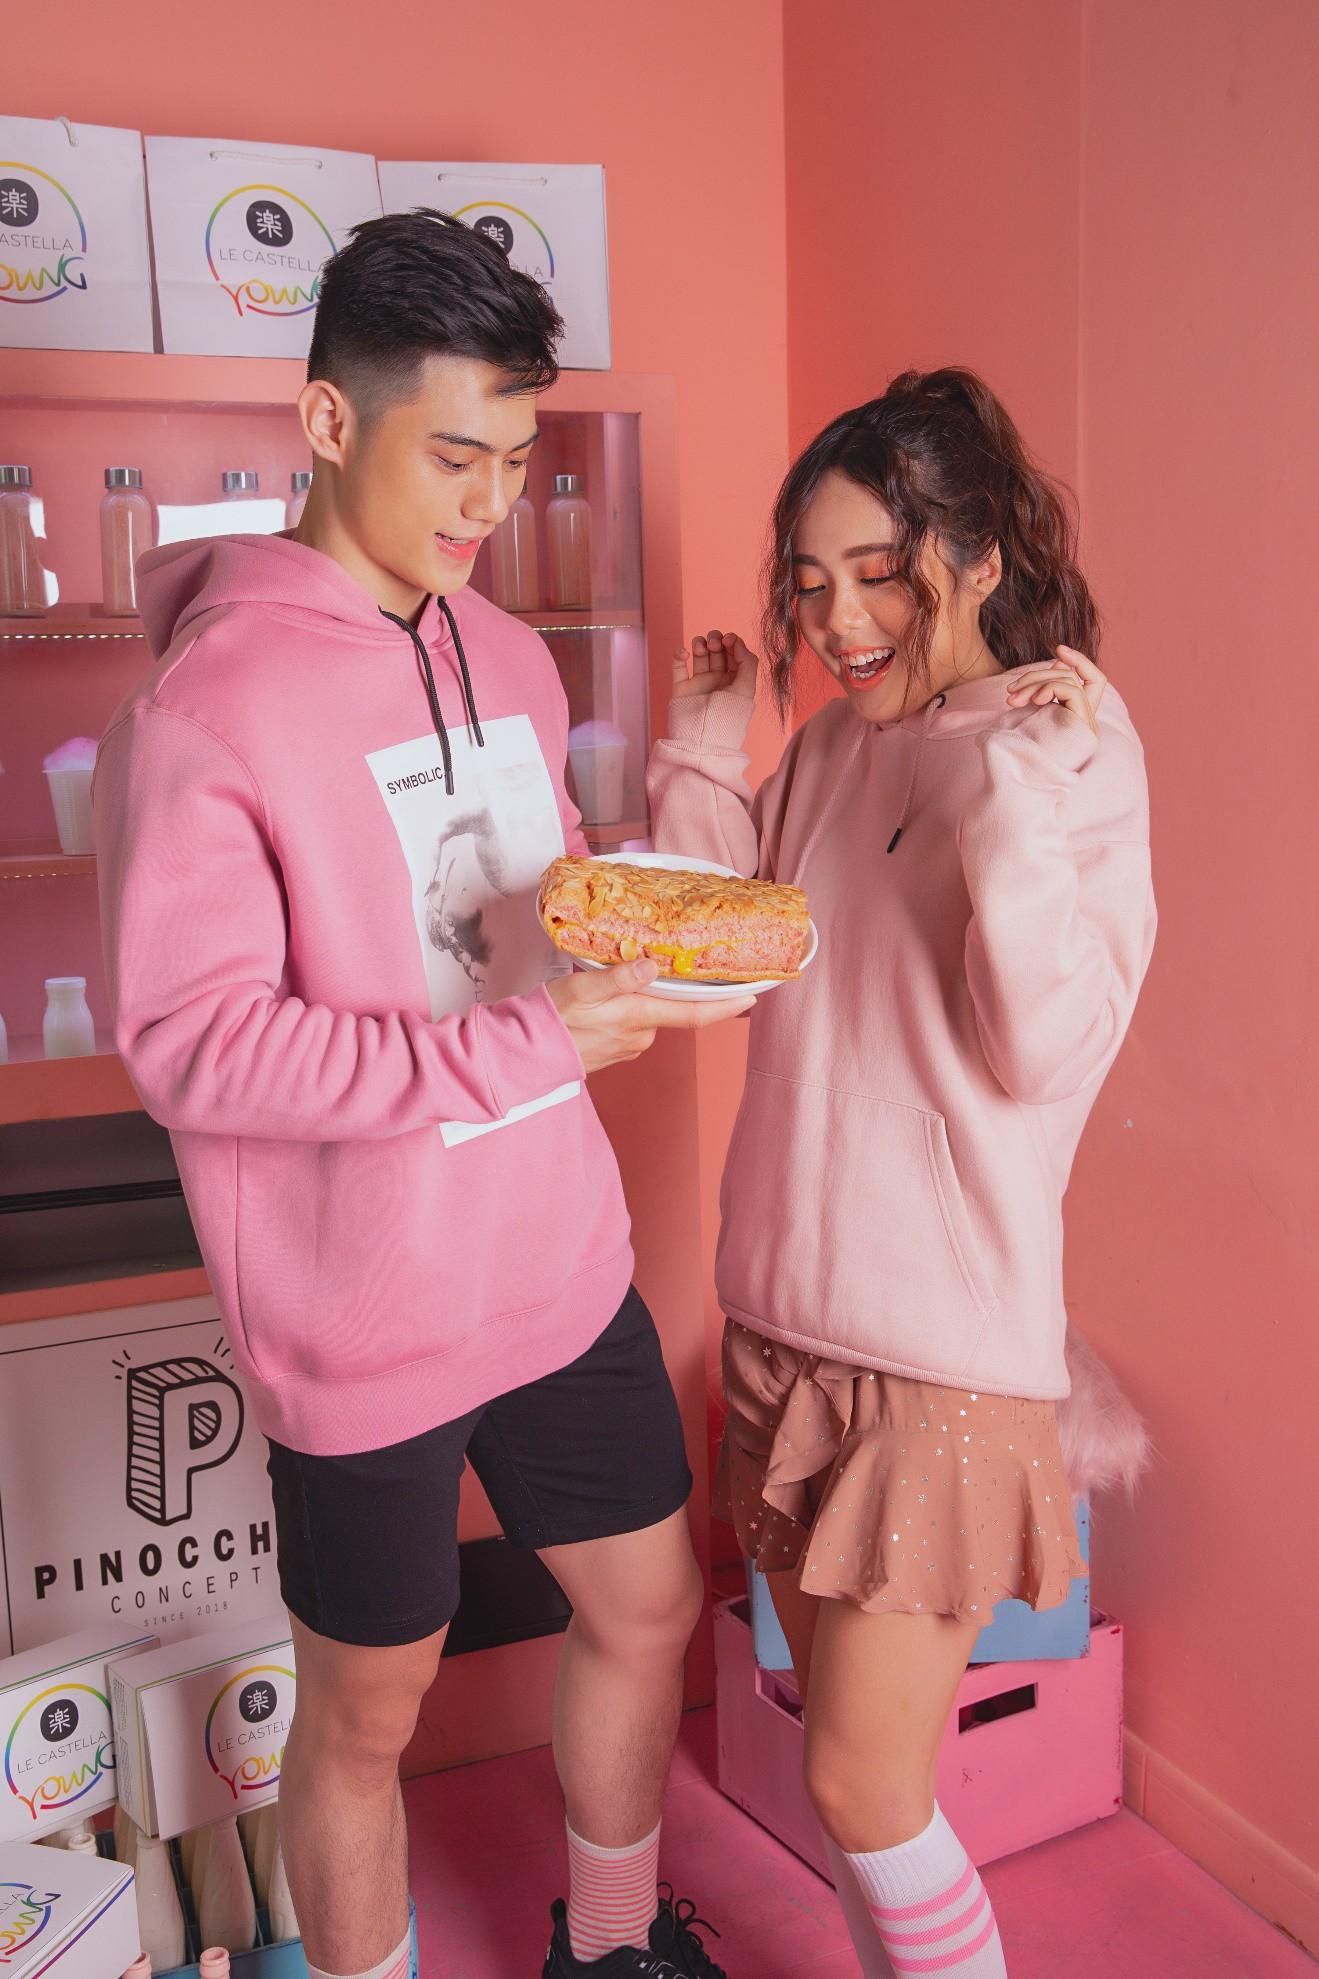 """Lộ diện thương hiệu bánh mới """"hợp lòng teen"""" của Le Castella Việt Nam: Mô hình mới toanh, 4 vị hot giá cực mềm tay - Ảnh 4."""